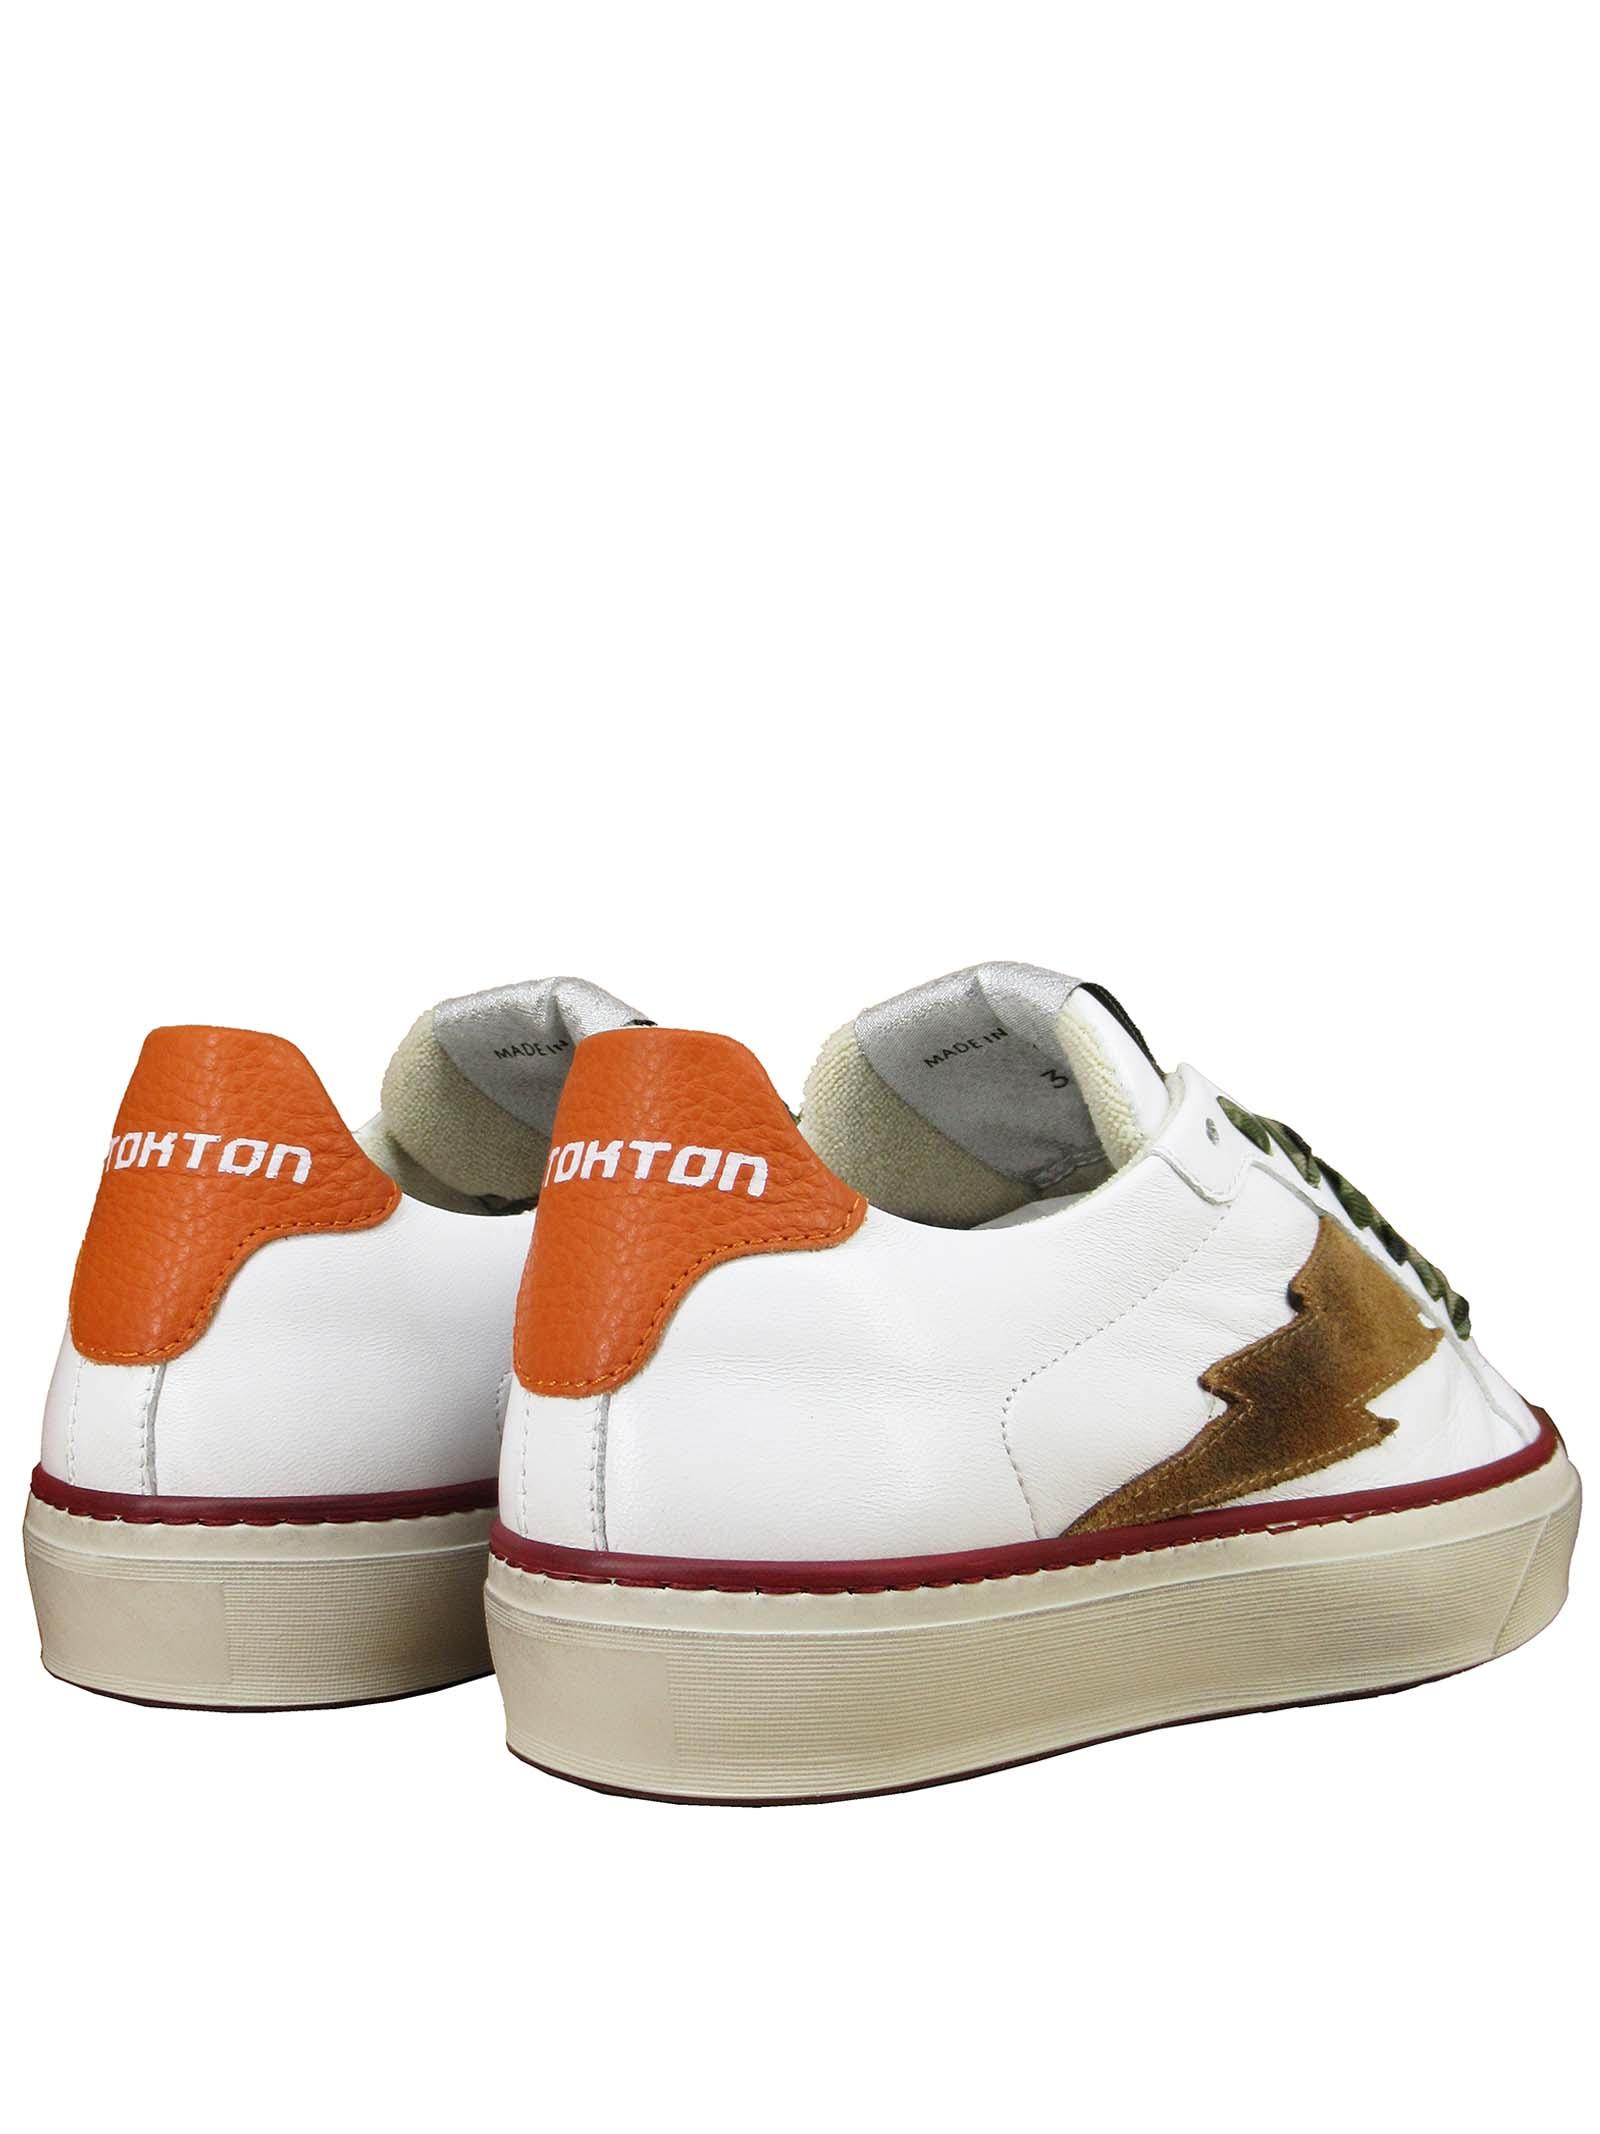 Calzature Donna Sneakers Stringate in Pelle Bianca con Fondo in Gomma Stokton | Sneakers | BLAZE-DVALENCIA